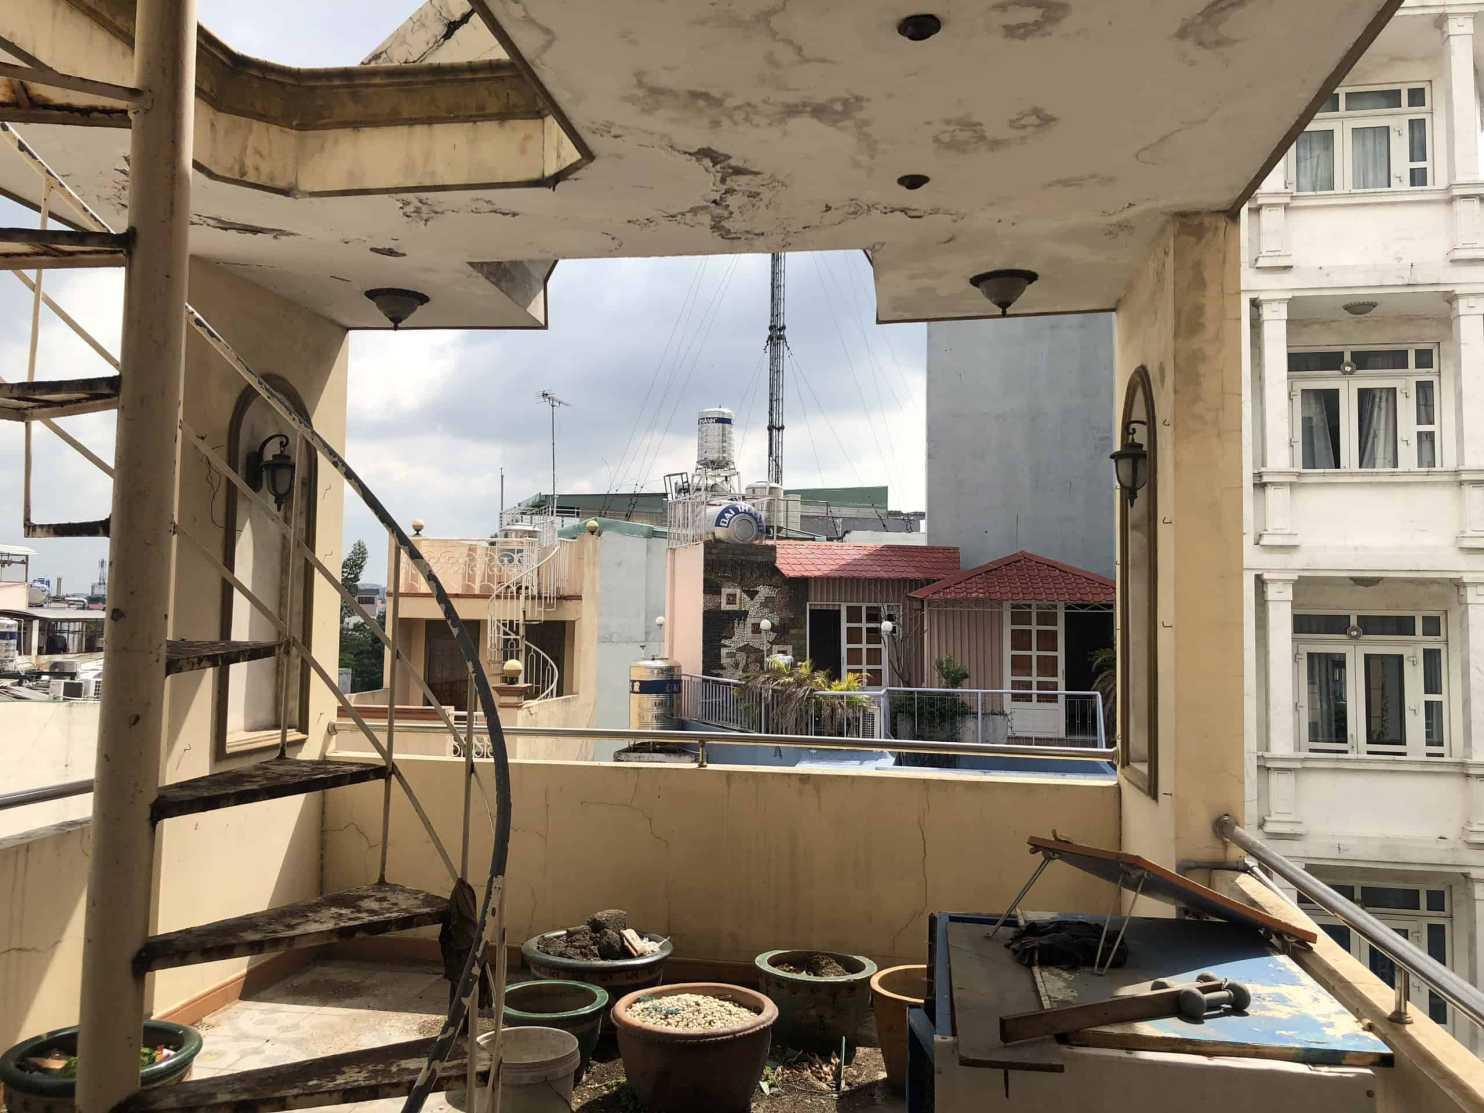 Đo vẽ hiện trạng, cải tạo căn hộ cho thuê Airbnb đường Mai Thị Lựu trước khi cải tạo 7